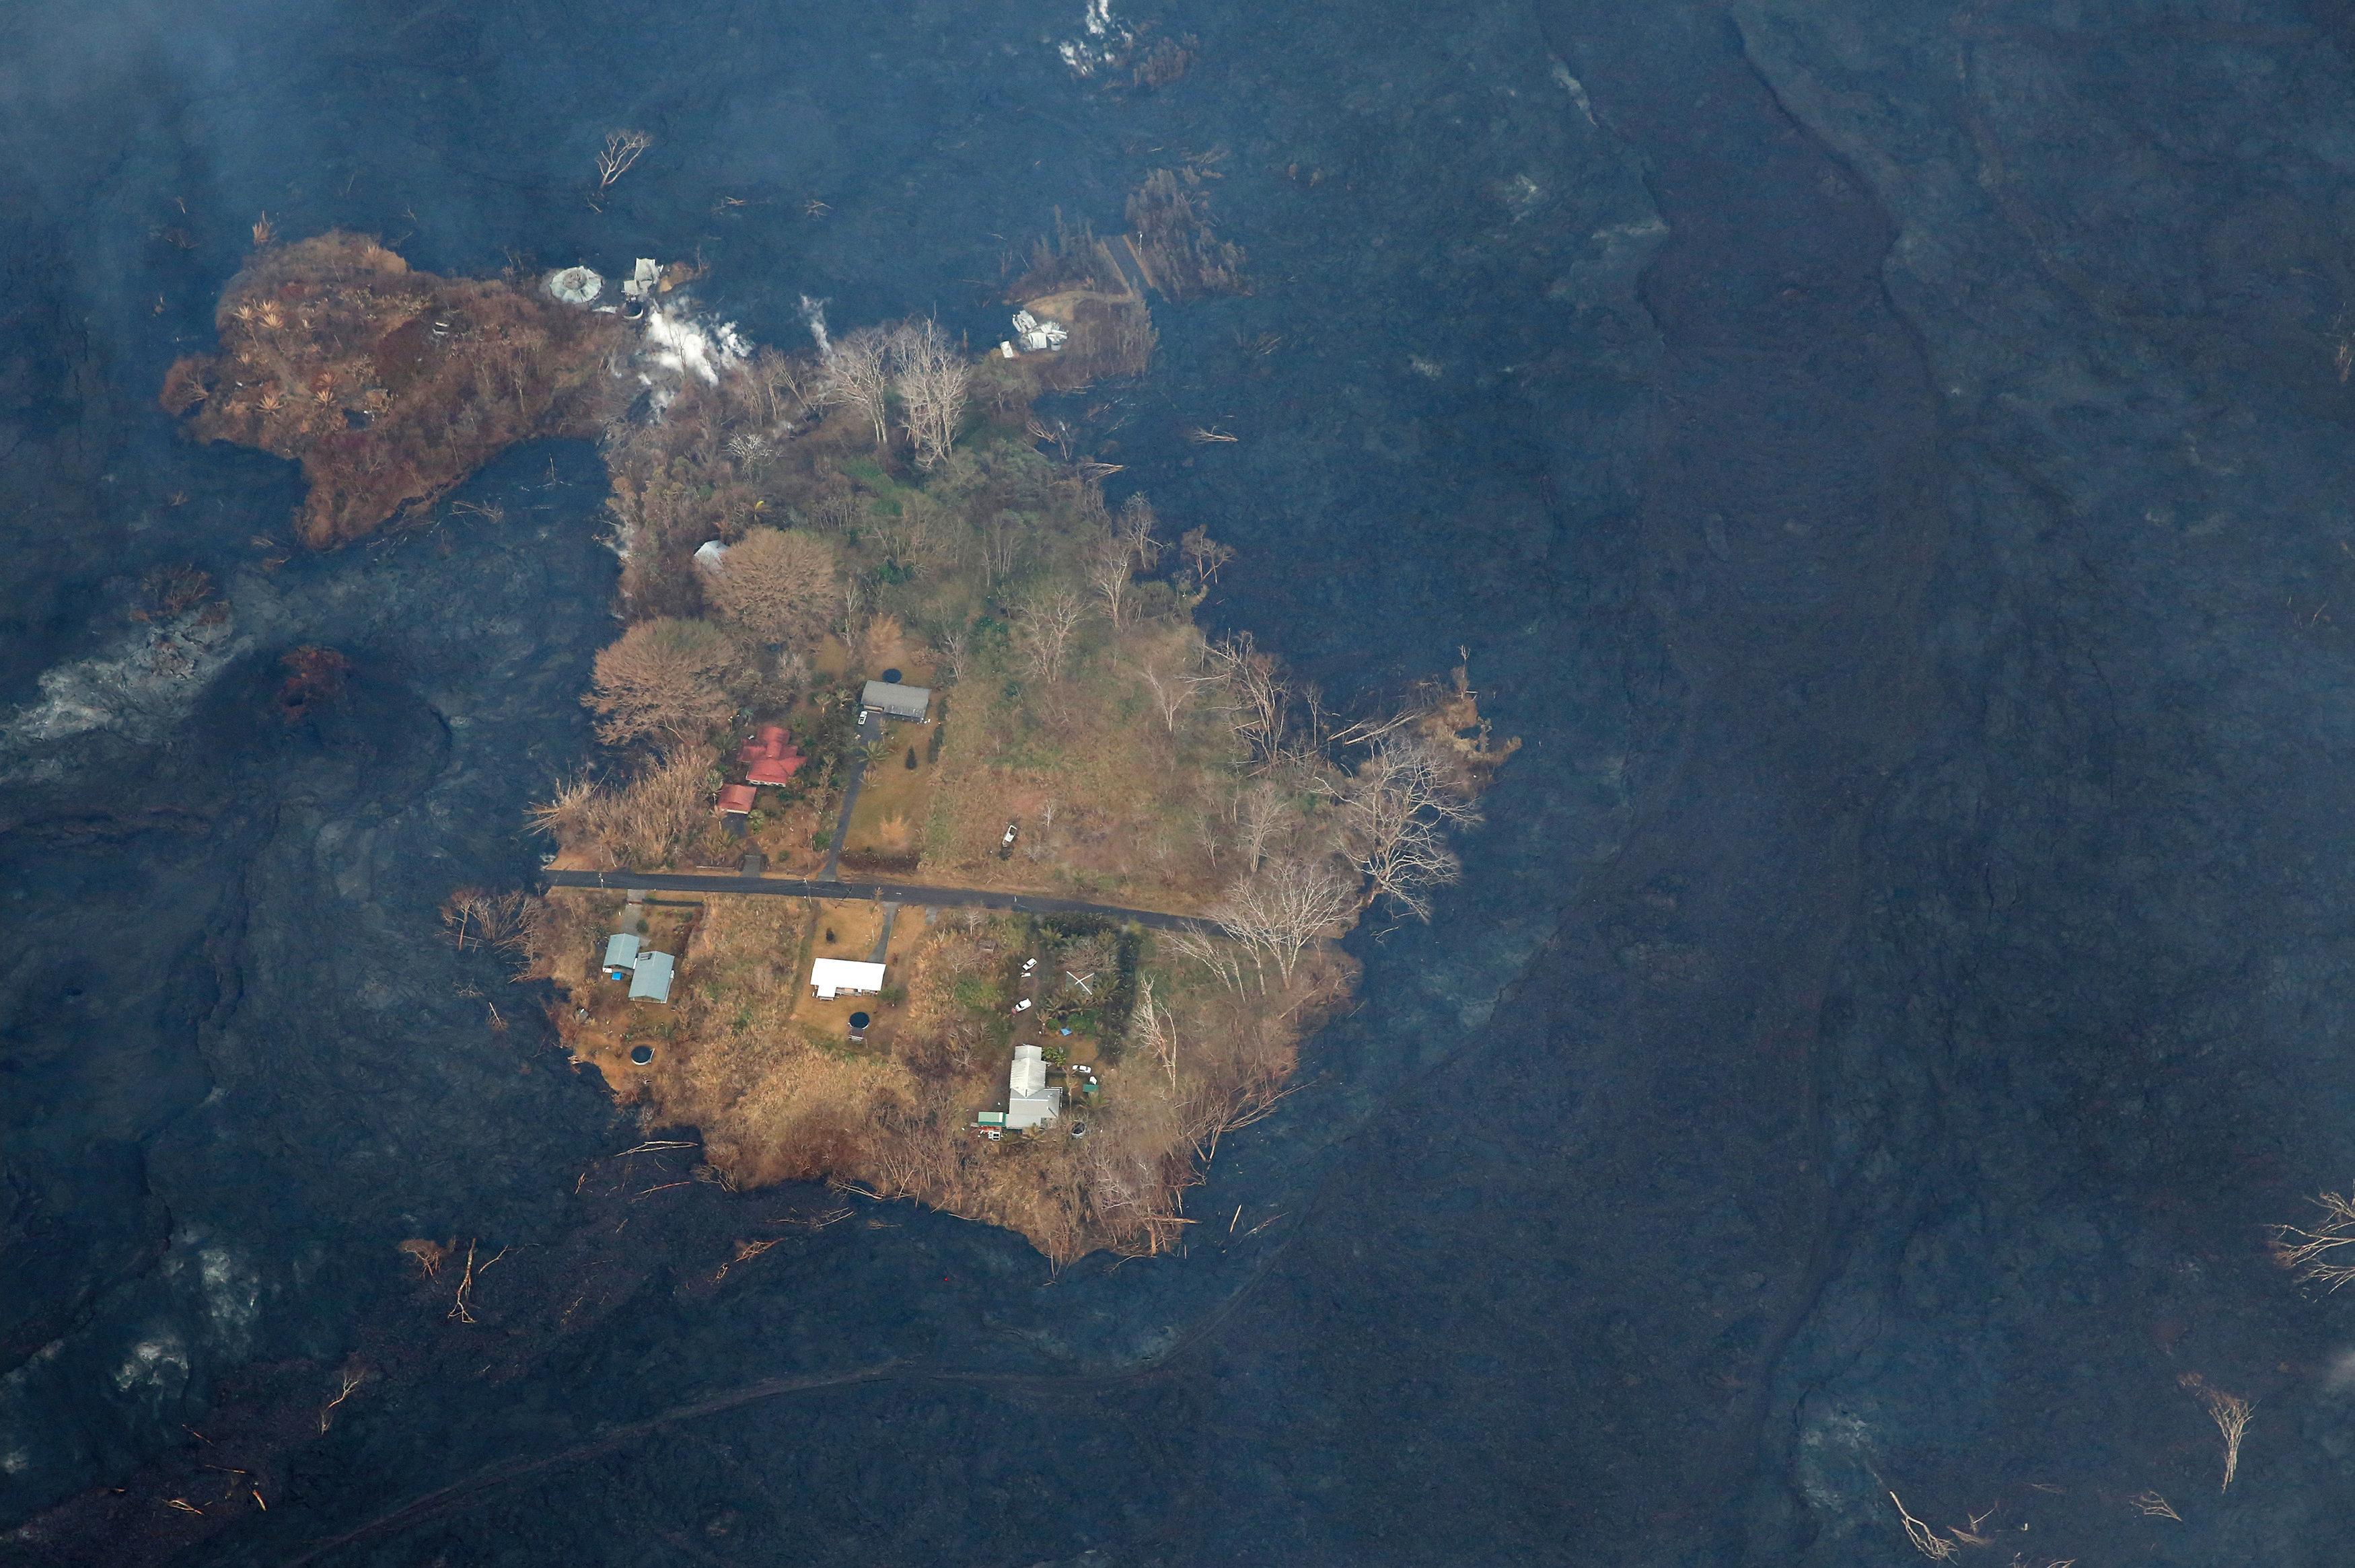 Las casas rodeadas de lava durante la erupción del volcán Kilauea en Hawái